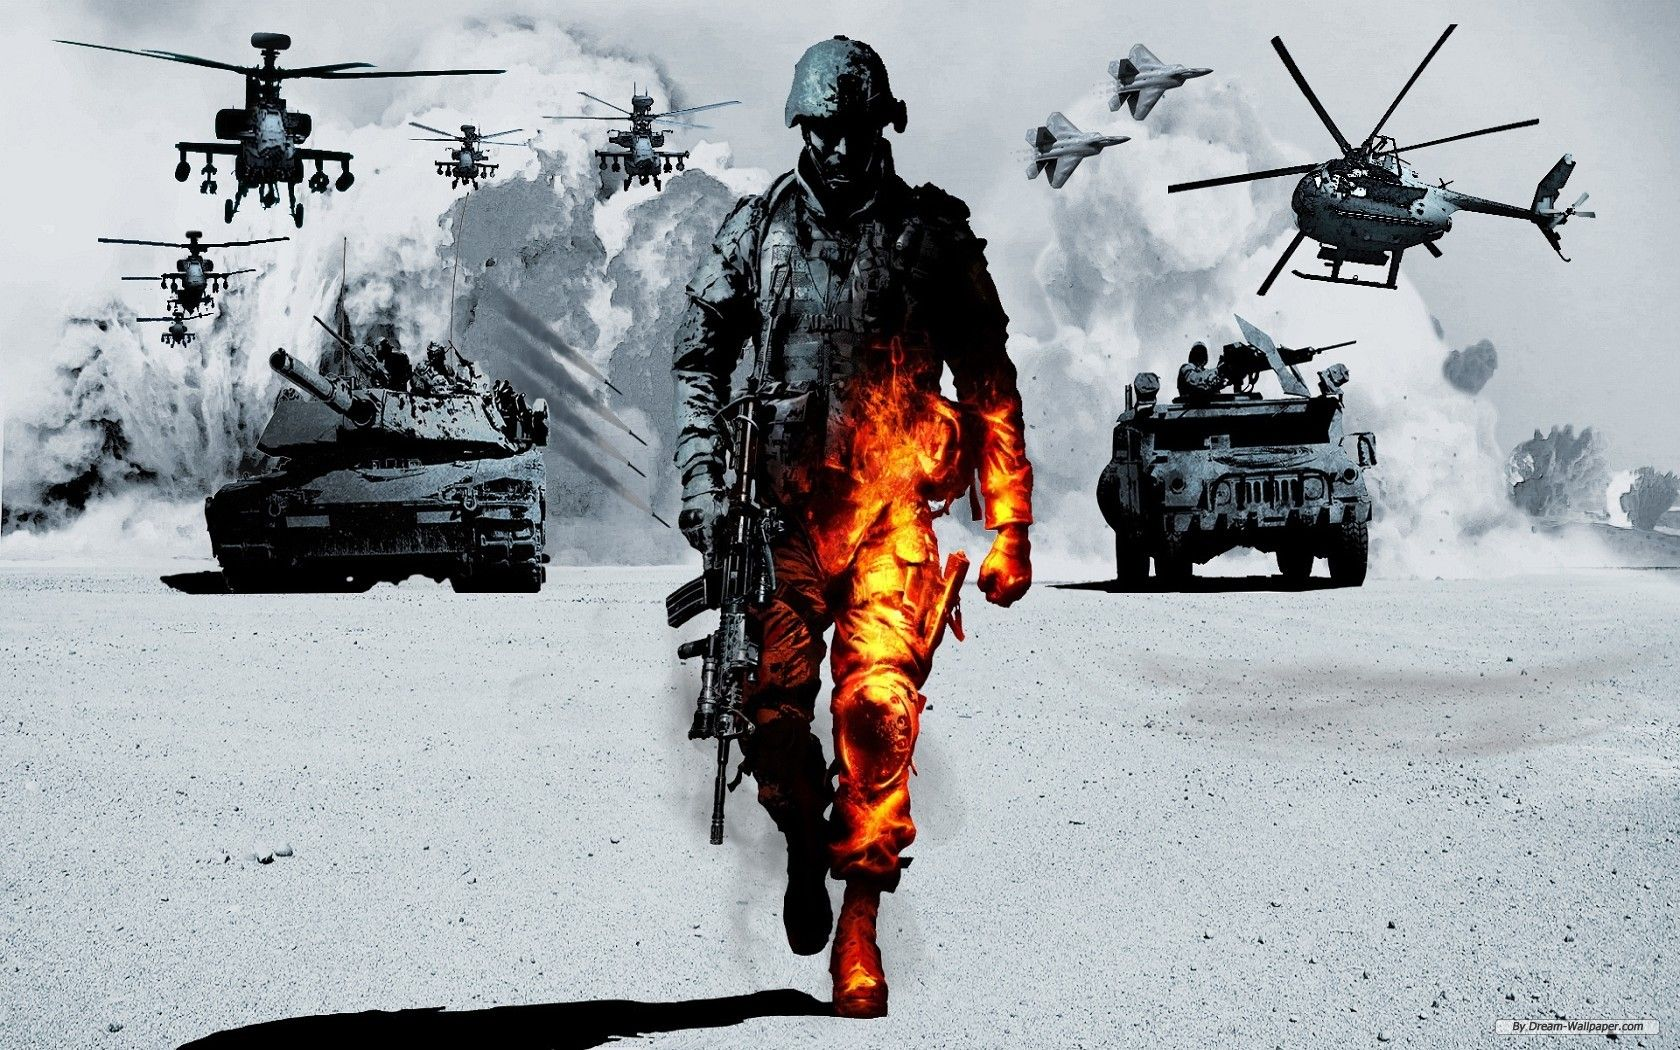 خلفيات Hd للكمبيوتر 2018 Tecnologis Battlefield Desktop Pictures Battlefield 3